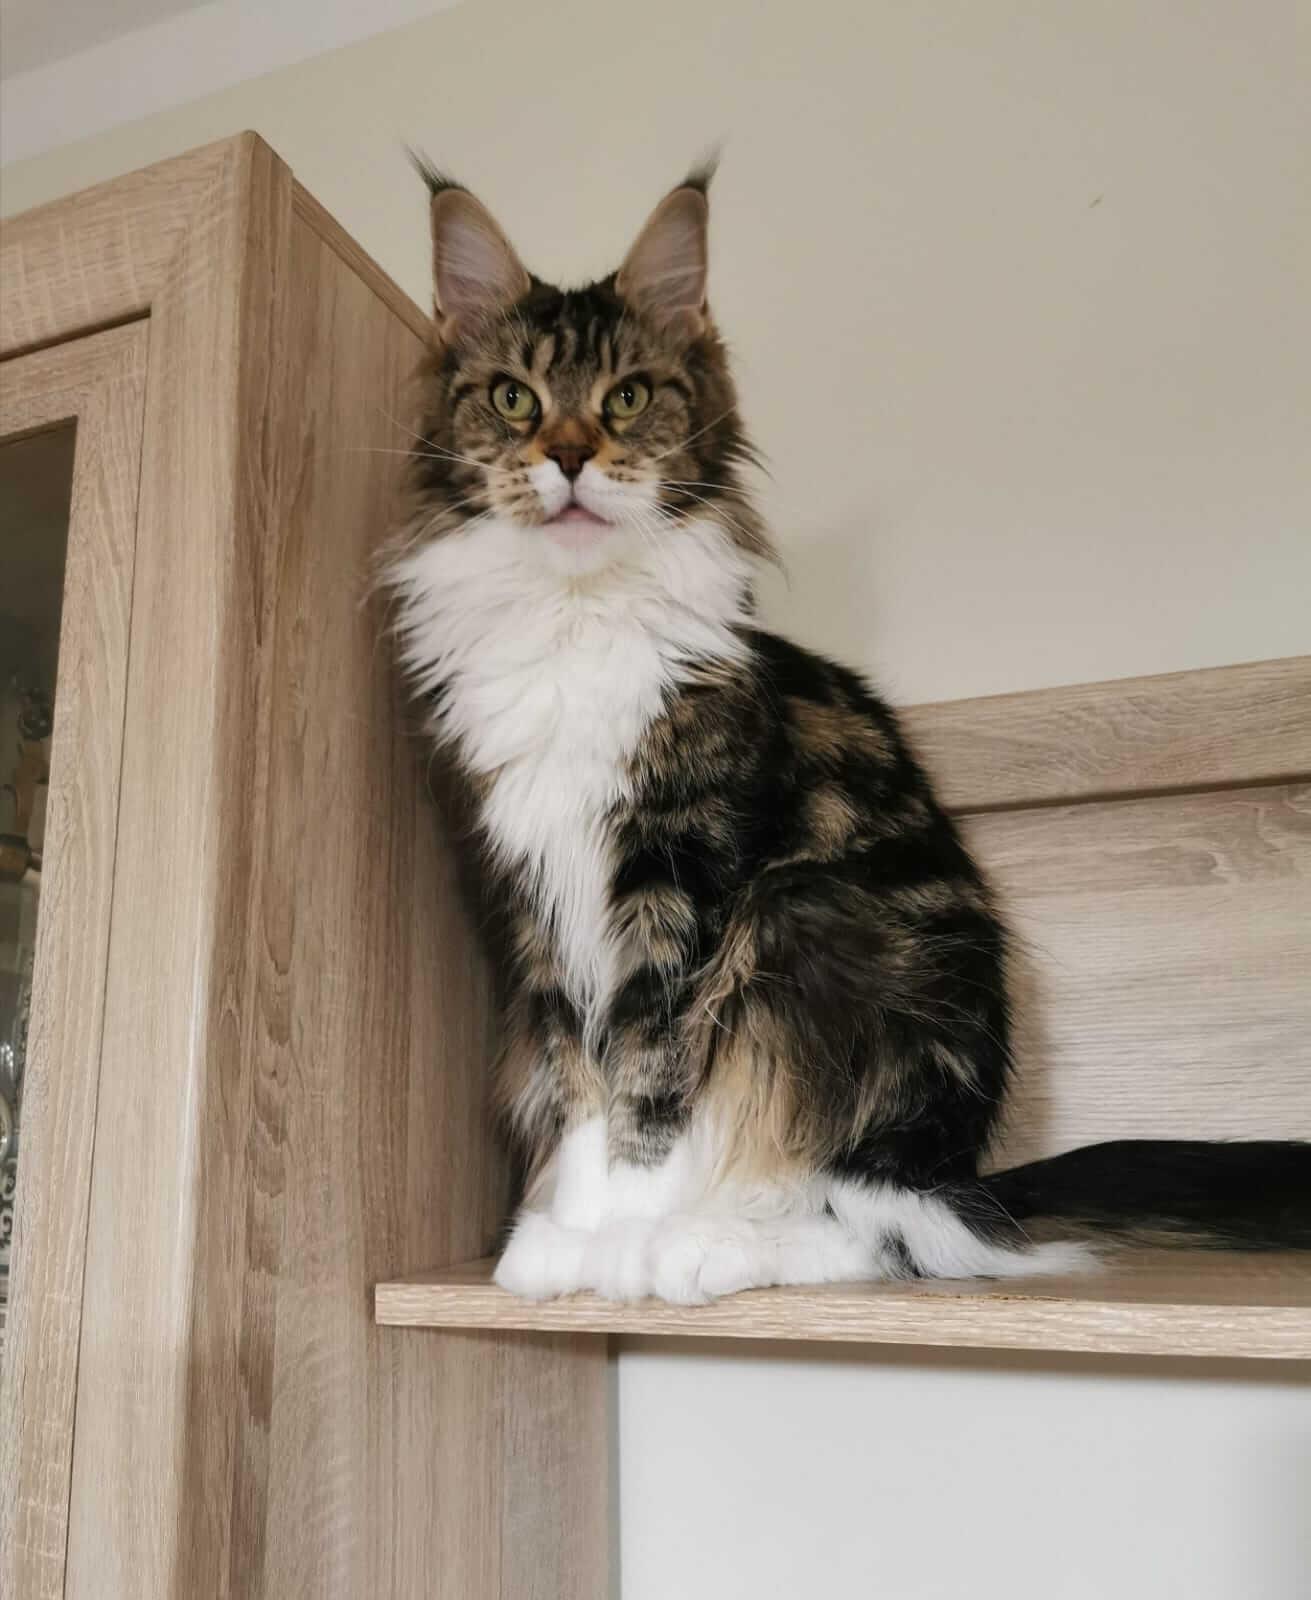 chovatelská stanice mainská mývalí kočka Patrizia Pretty A Lynx Star.CZ Kladno Gabzi a Vinet CZ